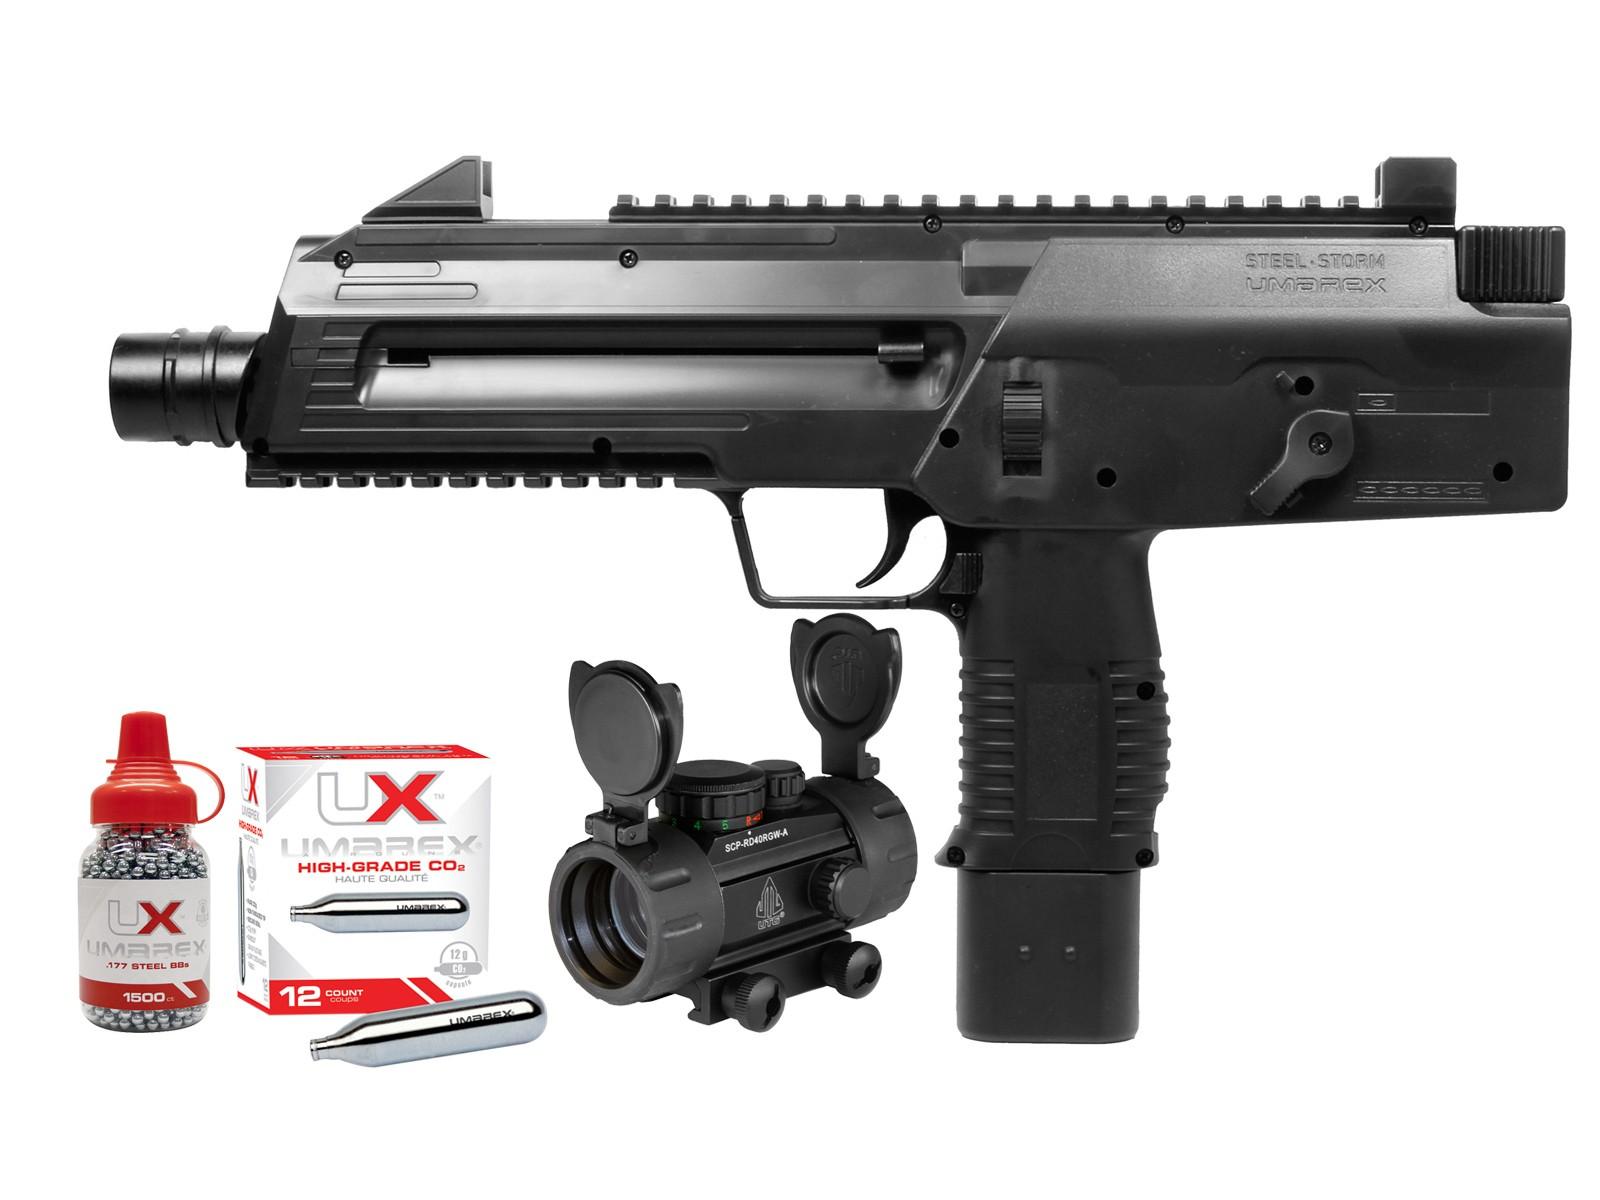 Cheap Umarex Steel Storm CO2 BB Gun Kit 0.177